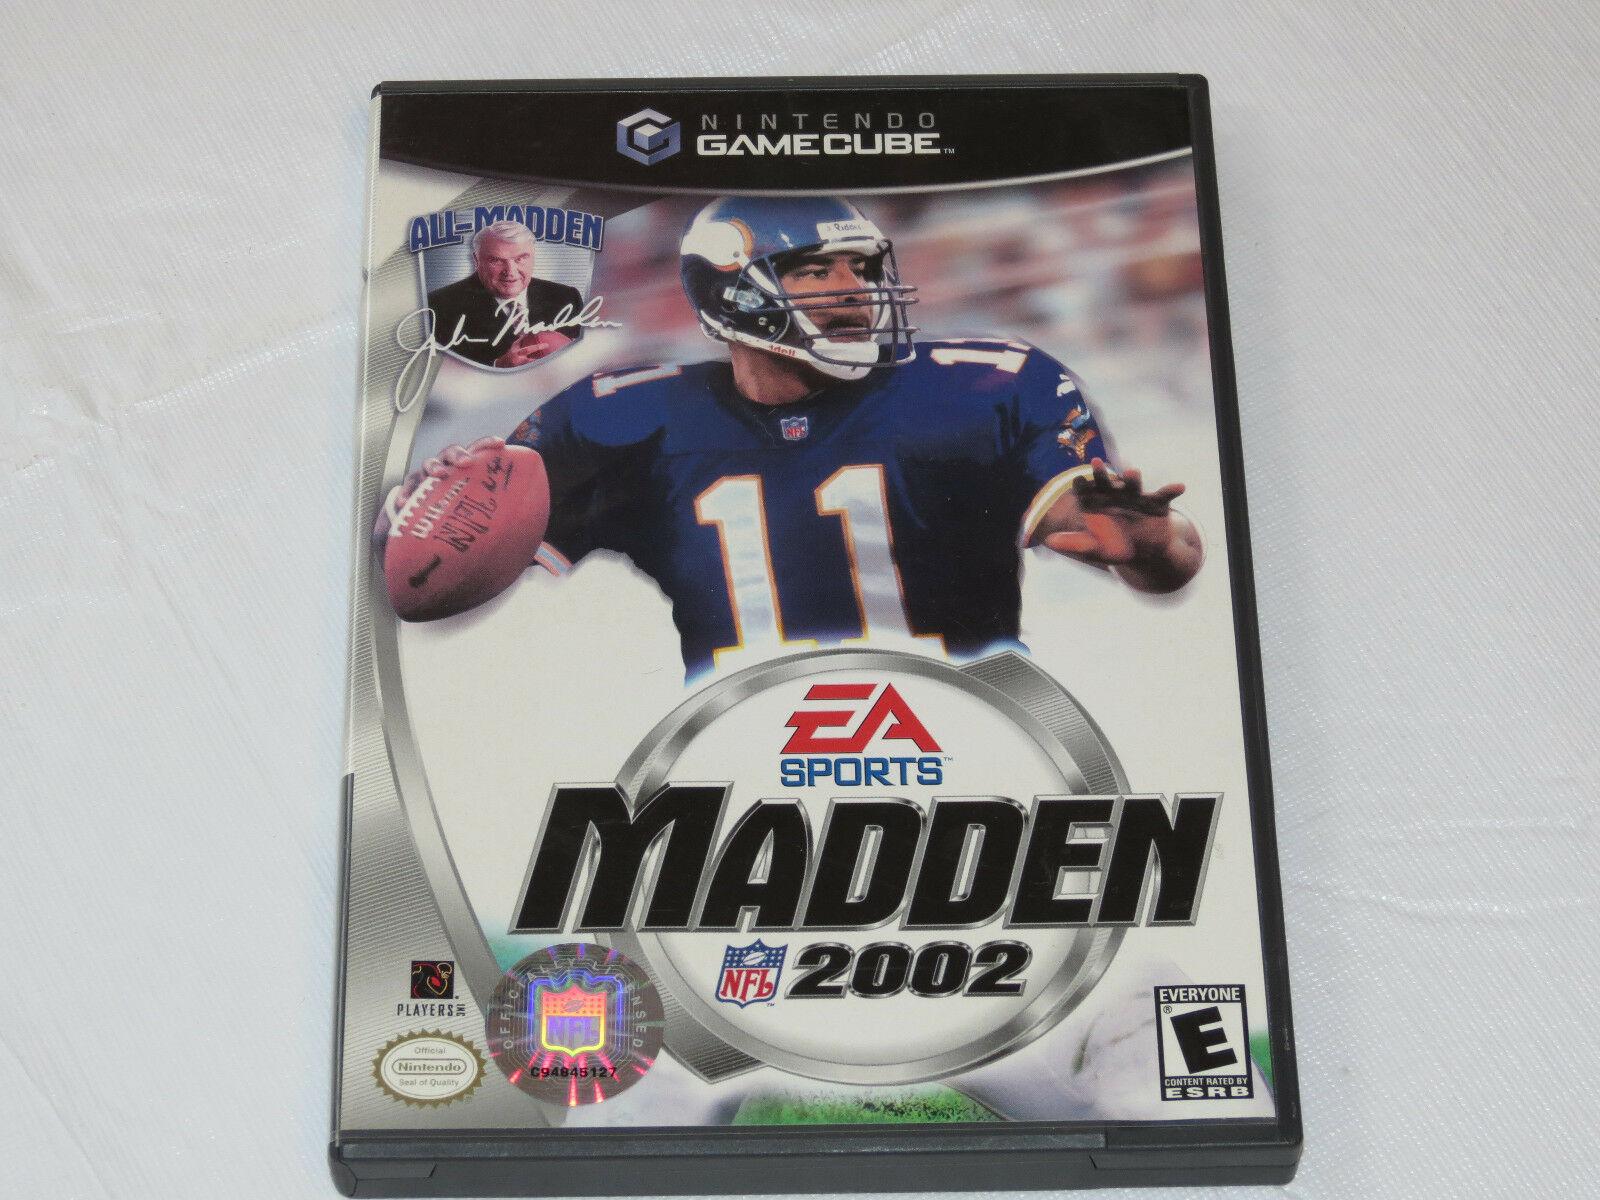 Impazzire NFL 2002 Nintendo Gamecube 2001 Calcio Videogioco E-Everyone 25481